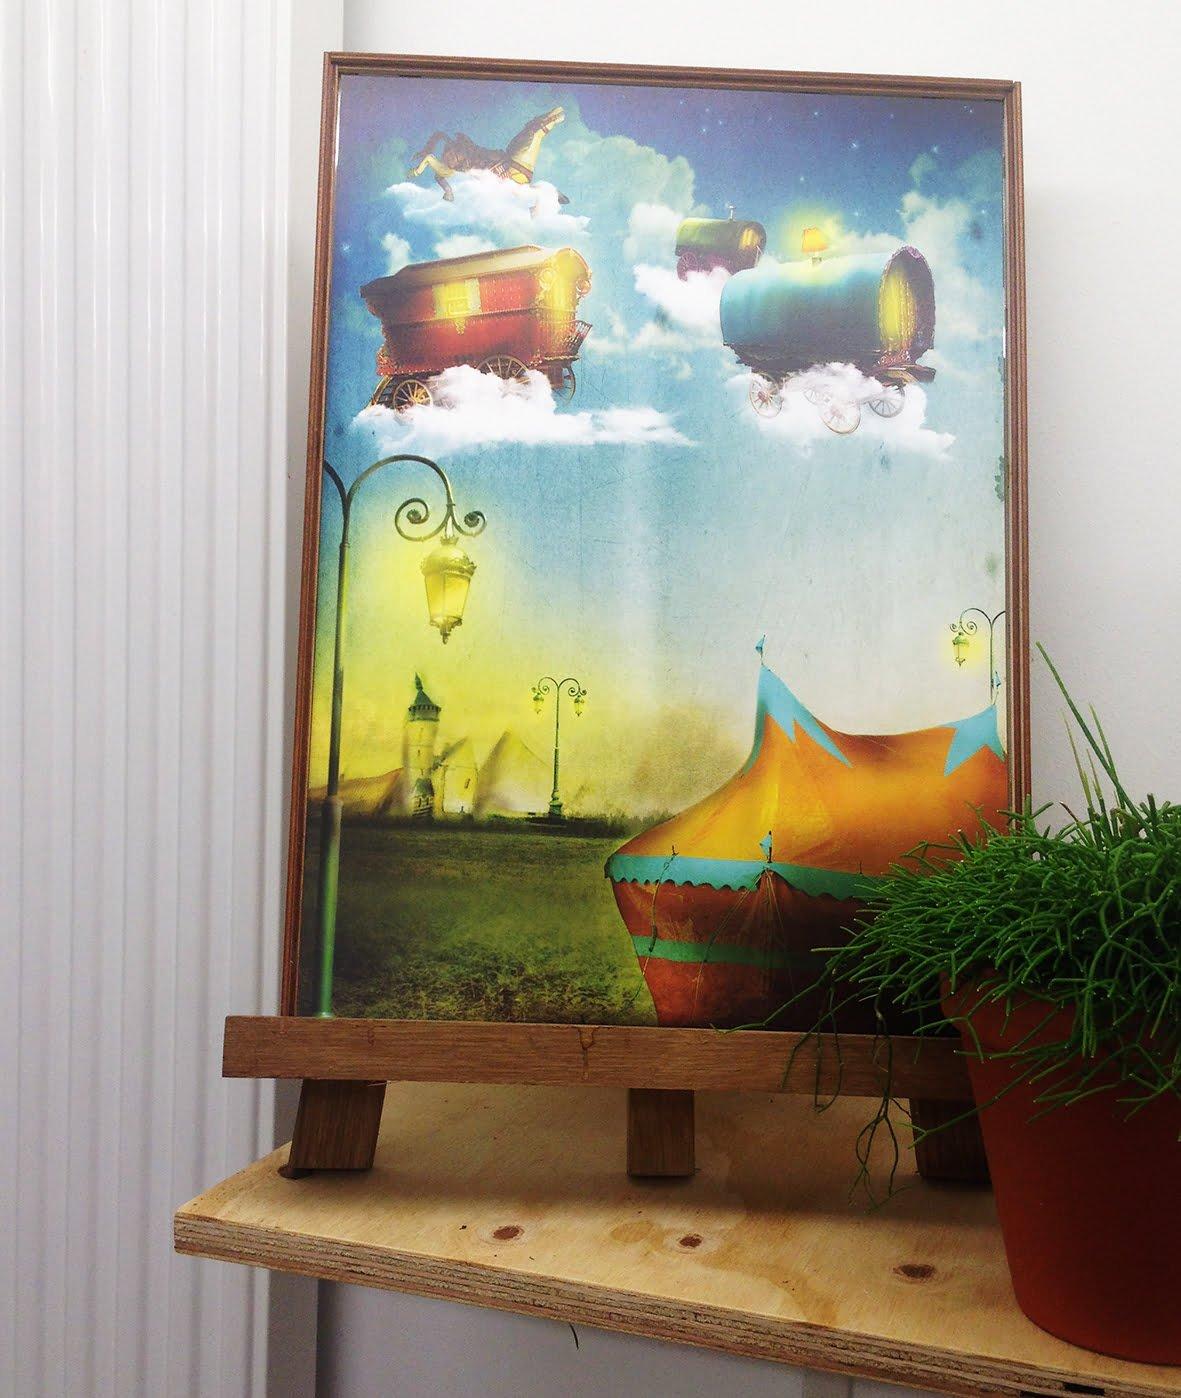 Illustratie Poster Vliegend Cirkus   tekening   sfeervol   sprookje